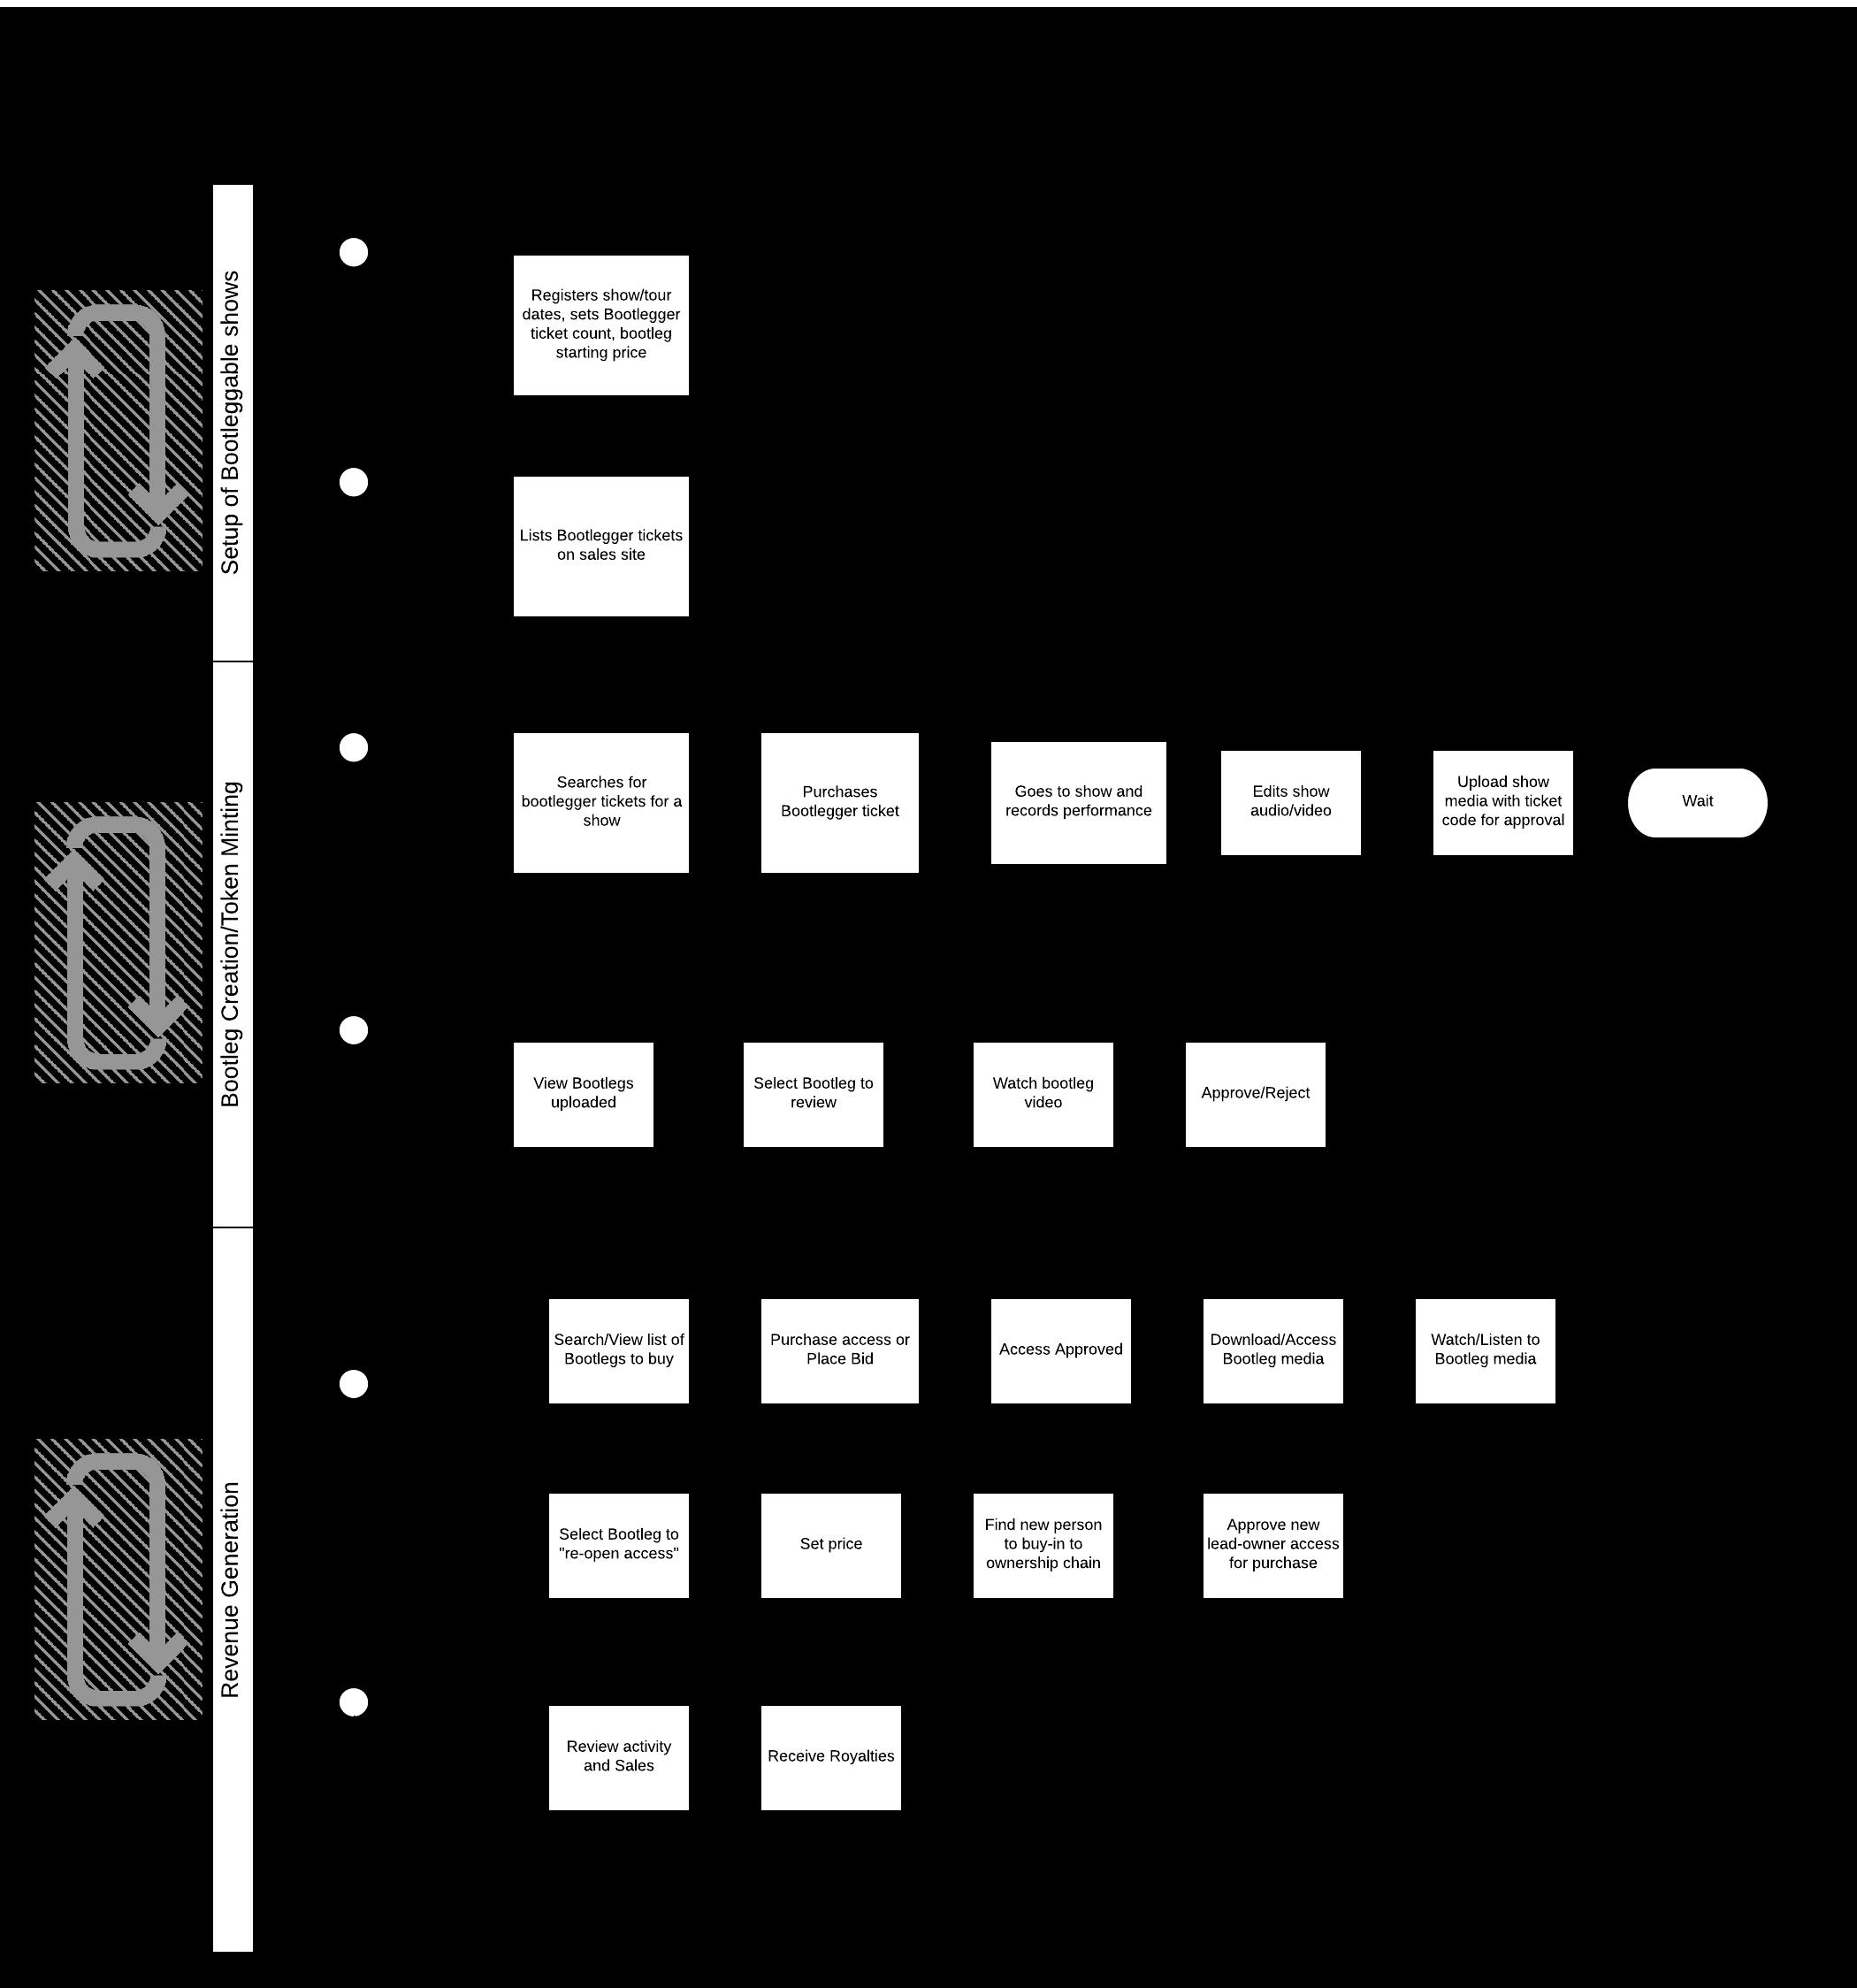 General System Flow